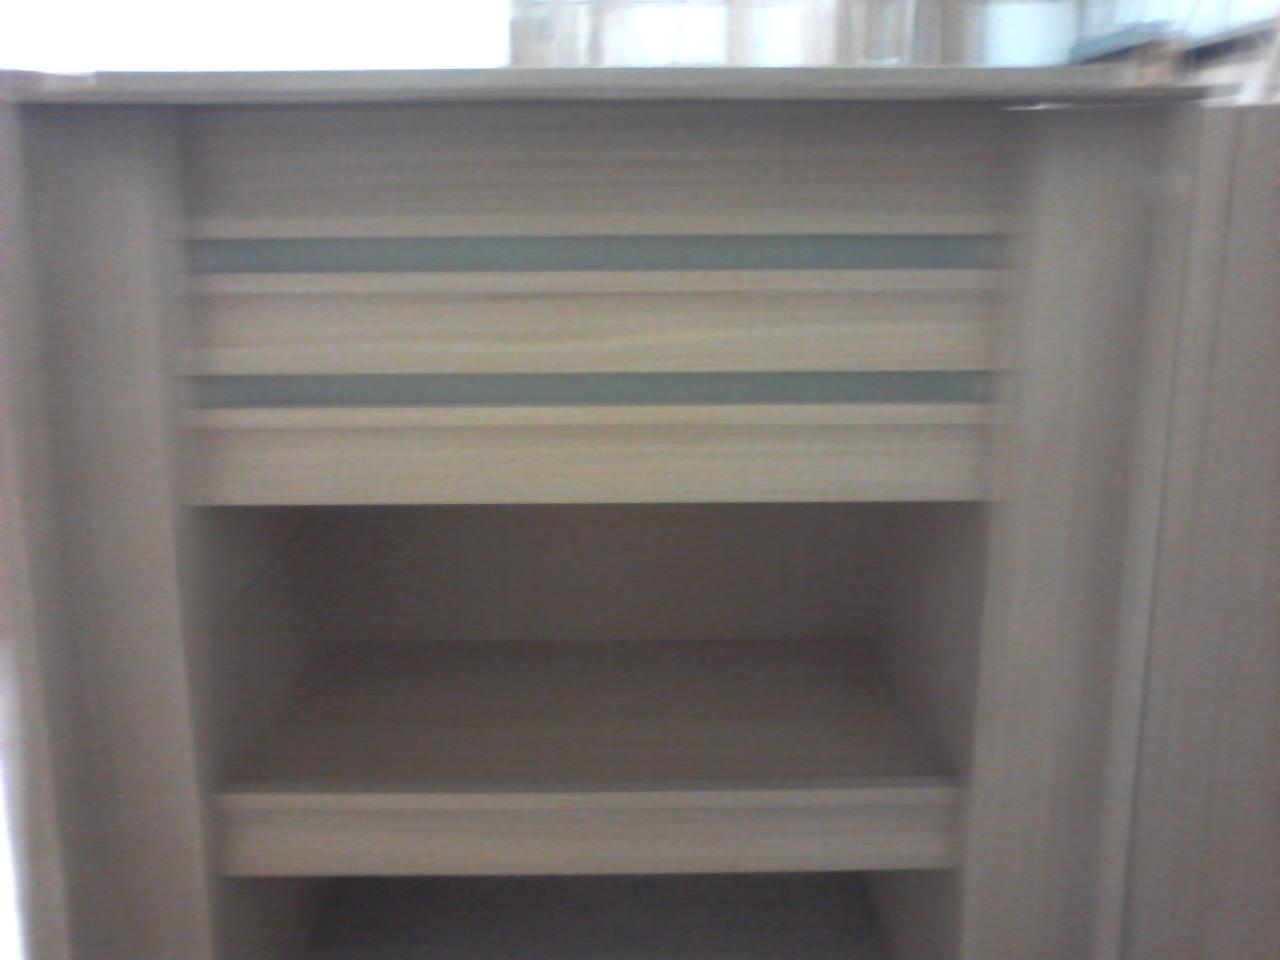 close Up Of light bars, shelf, & concave corner trim